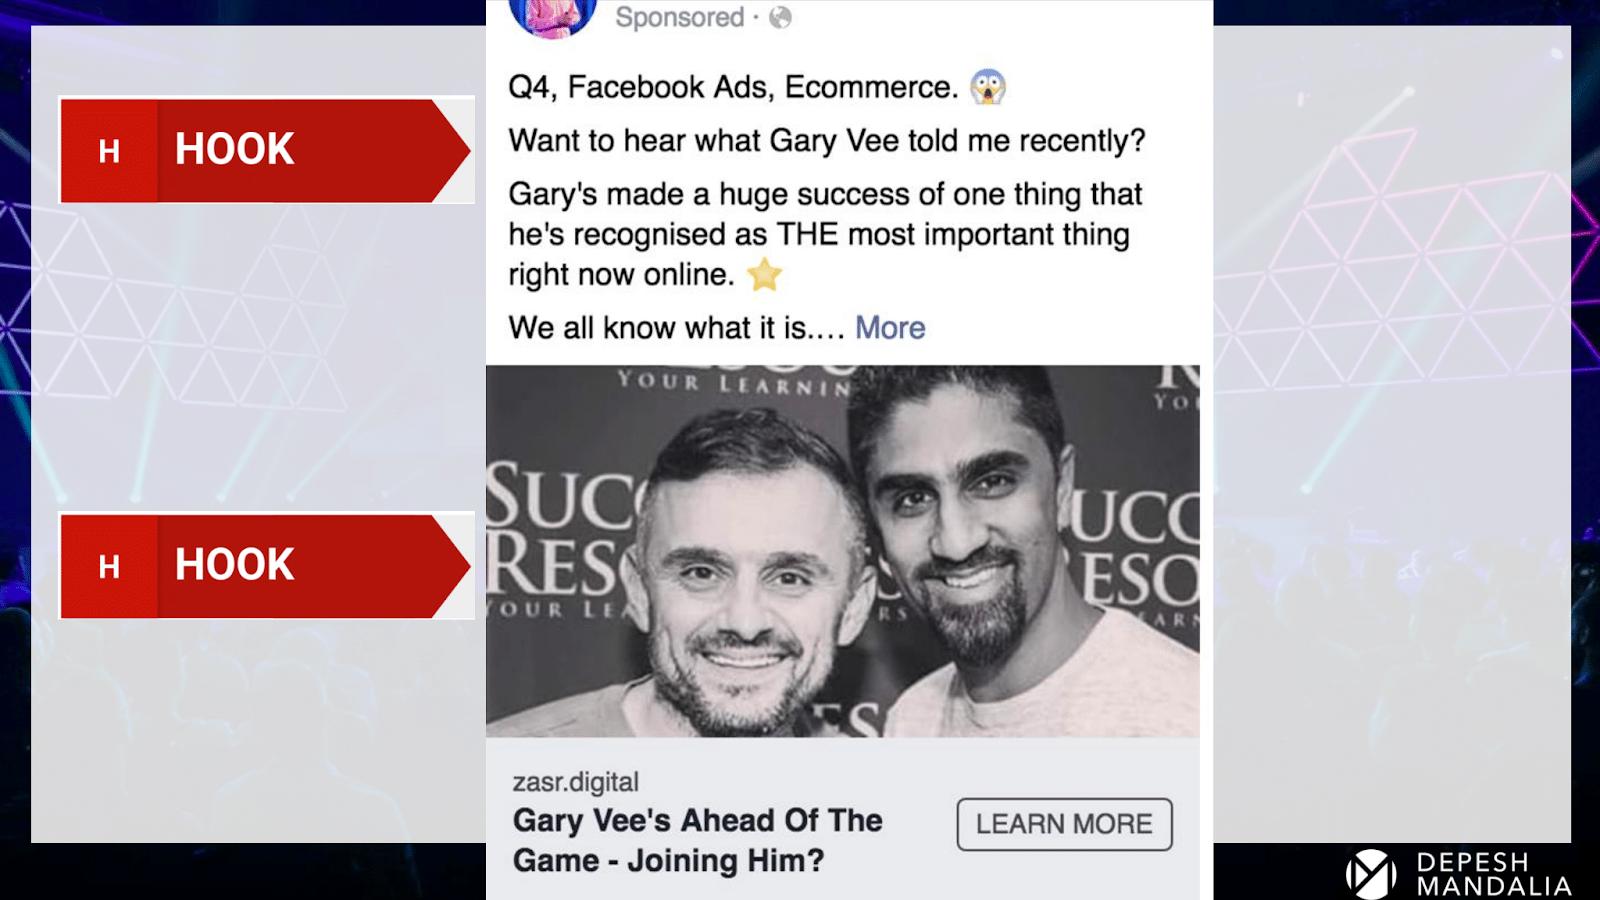 Пример рекламного объявления на Facebook